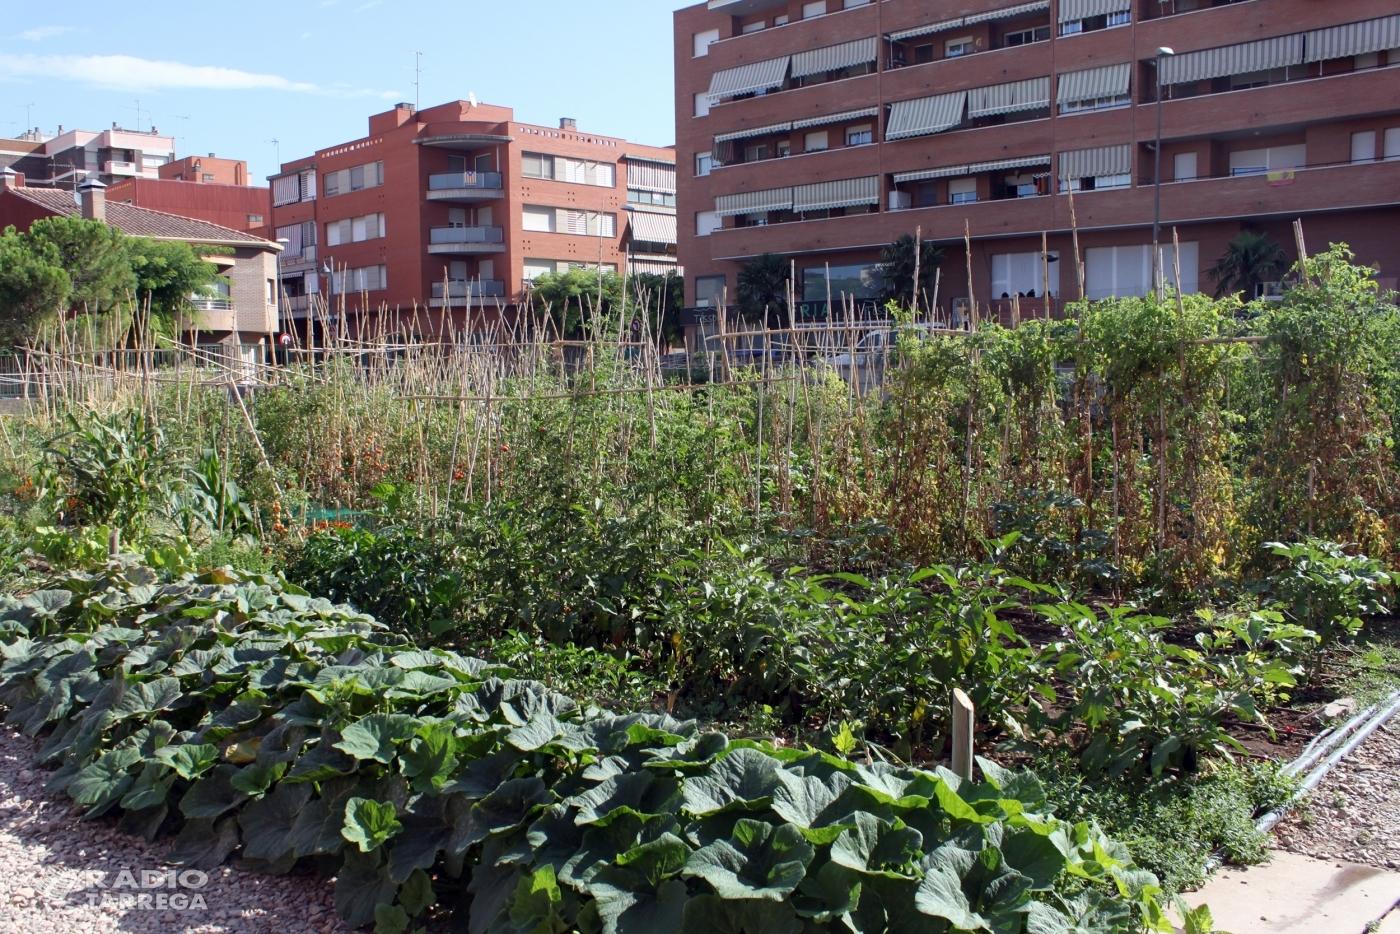 L'Ajuntament de Tàrrega obre el termini de sol·licituds per fer ús dels horts socials, amb 25 parcel·les destinades a l'autoconsum